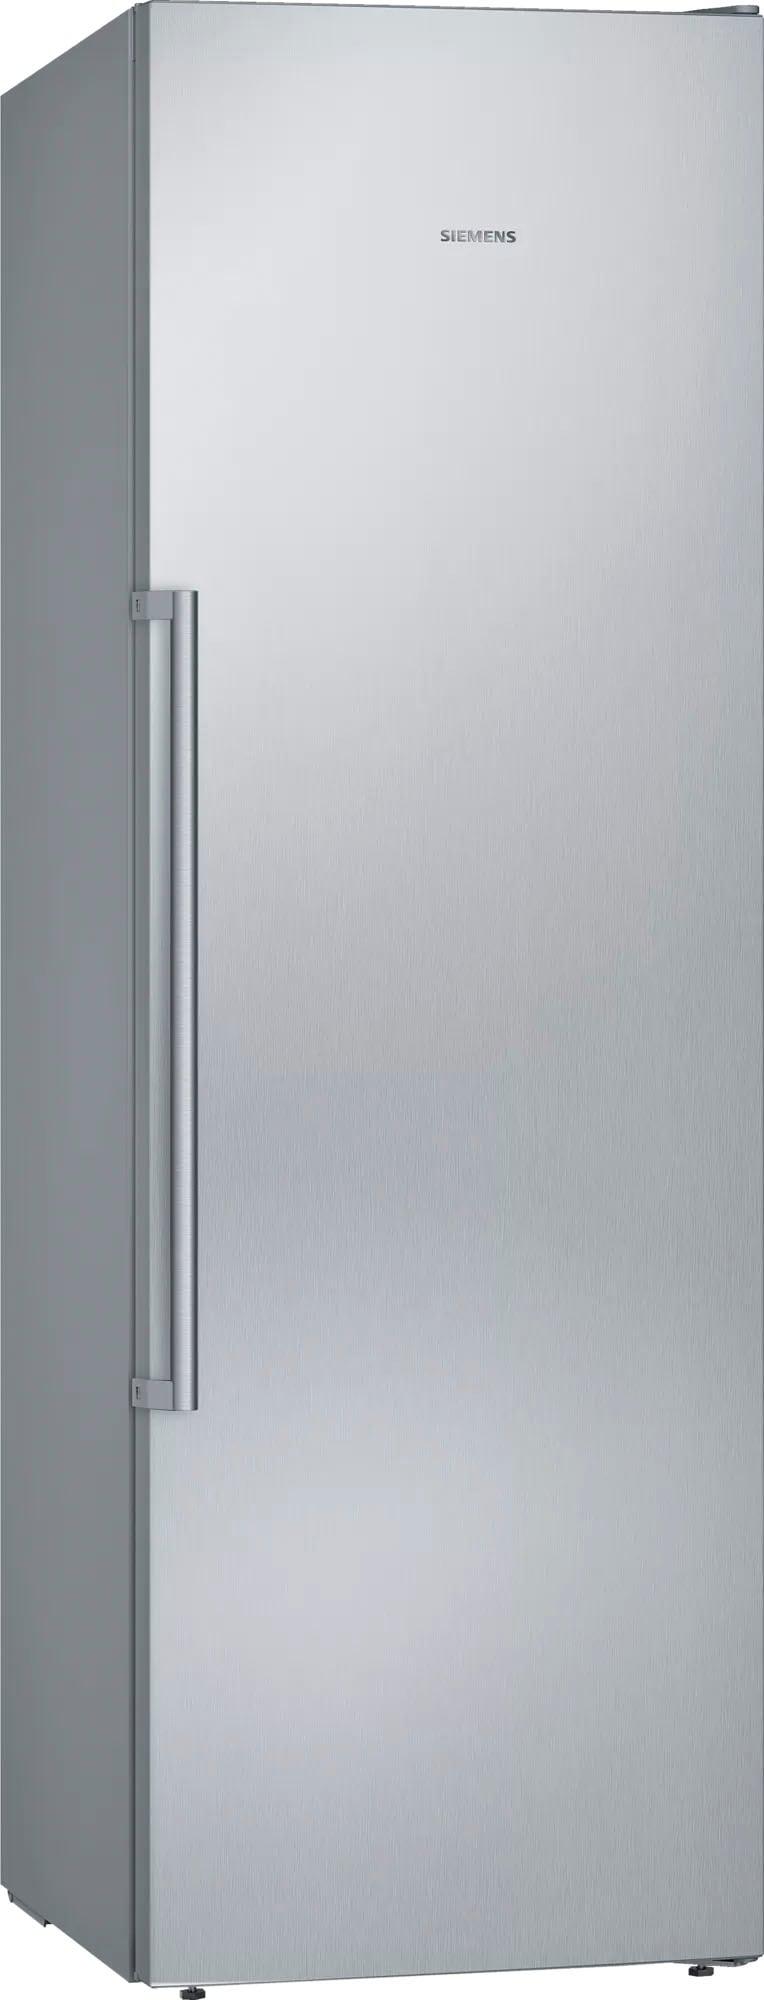 SIEMENS Gefrierschrank GS36NAIDP, iQ500, 186 cm hoch, 60 cm breit